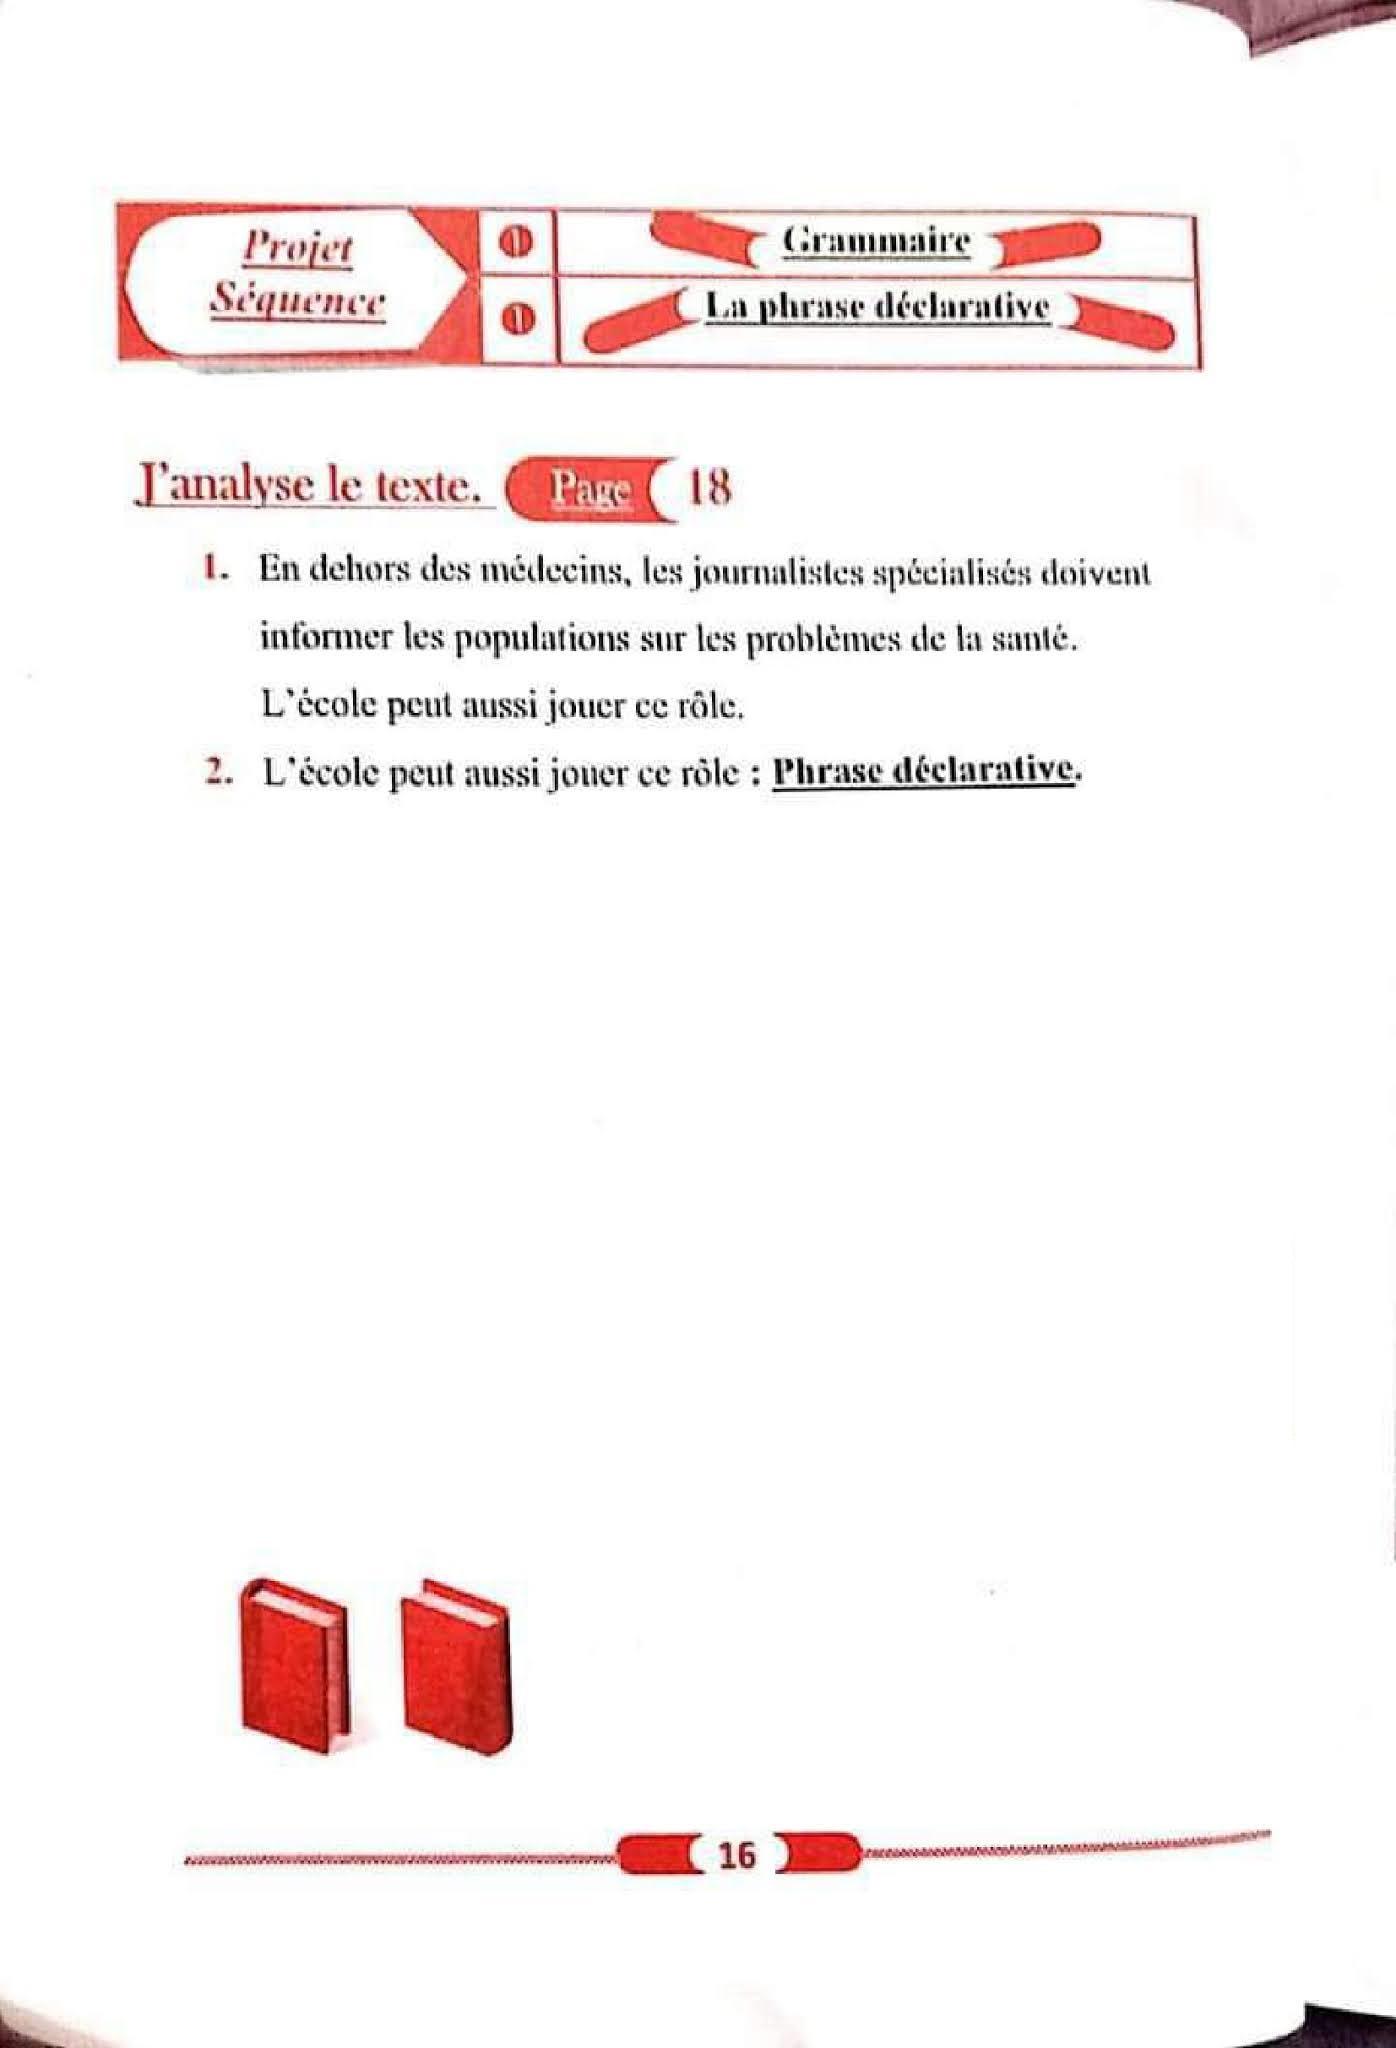 حل تمارين صفحة 18 الفرنسية 1 متوسط الجيل الثاني